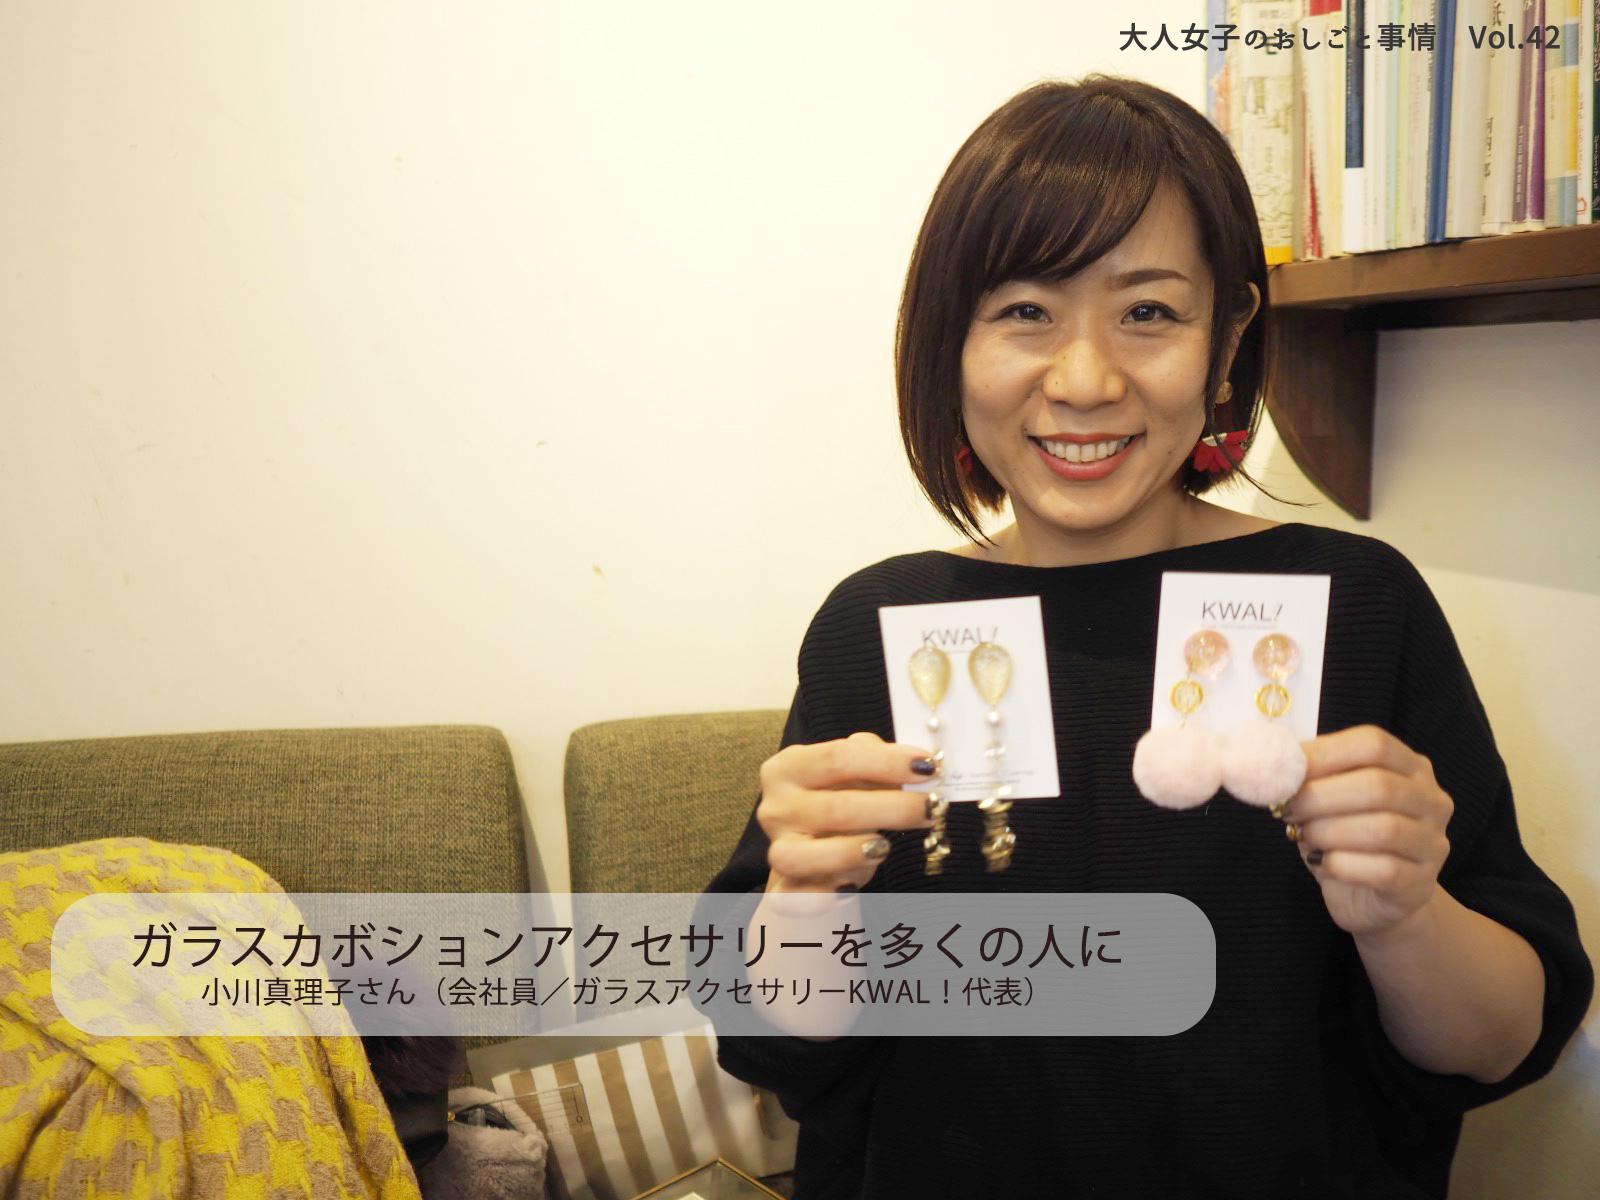 ガラスカボションアクセサリーを多くの人に 小川真理子さん(会社員/ガラスアクセサリーKWAL!代表)